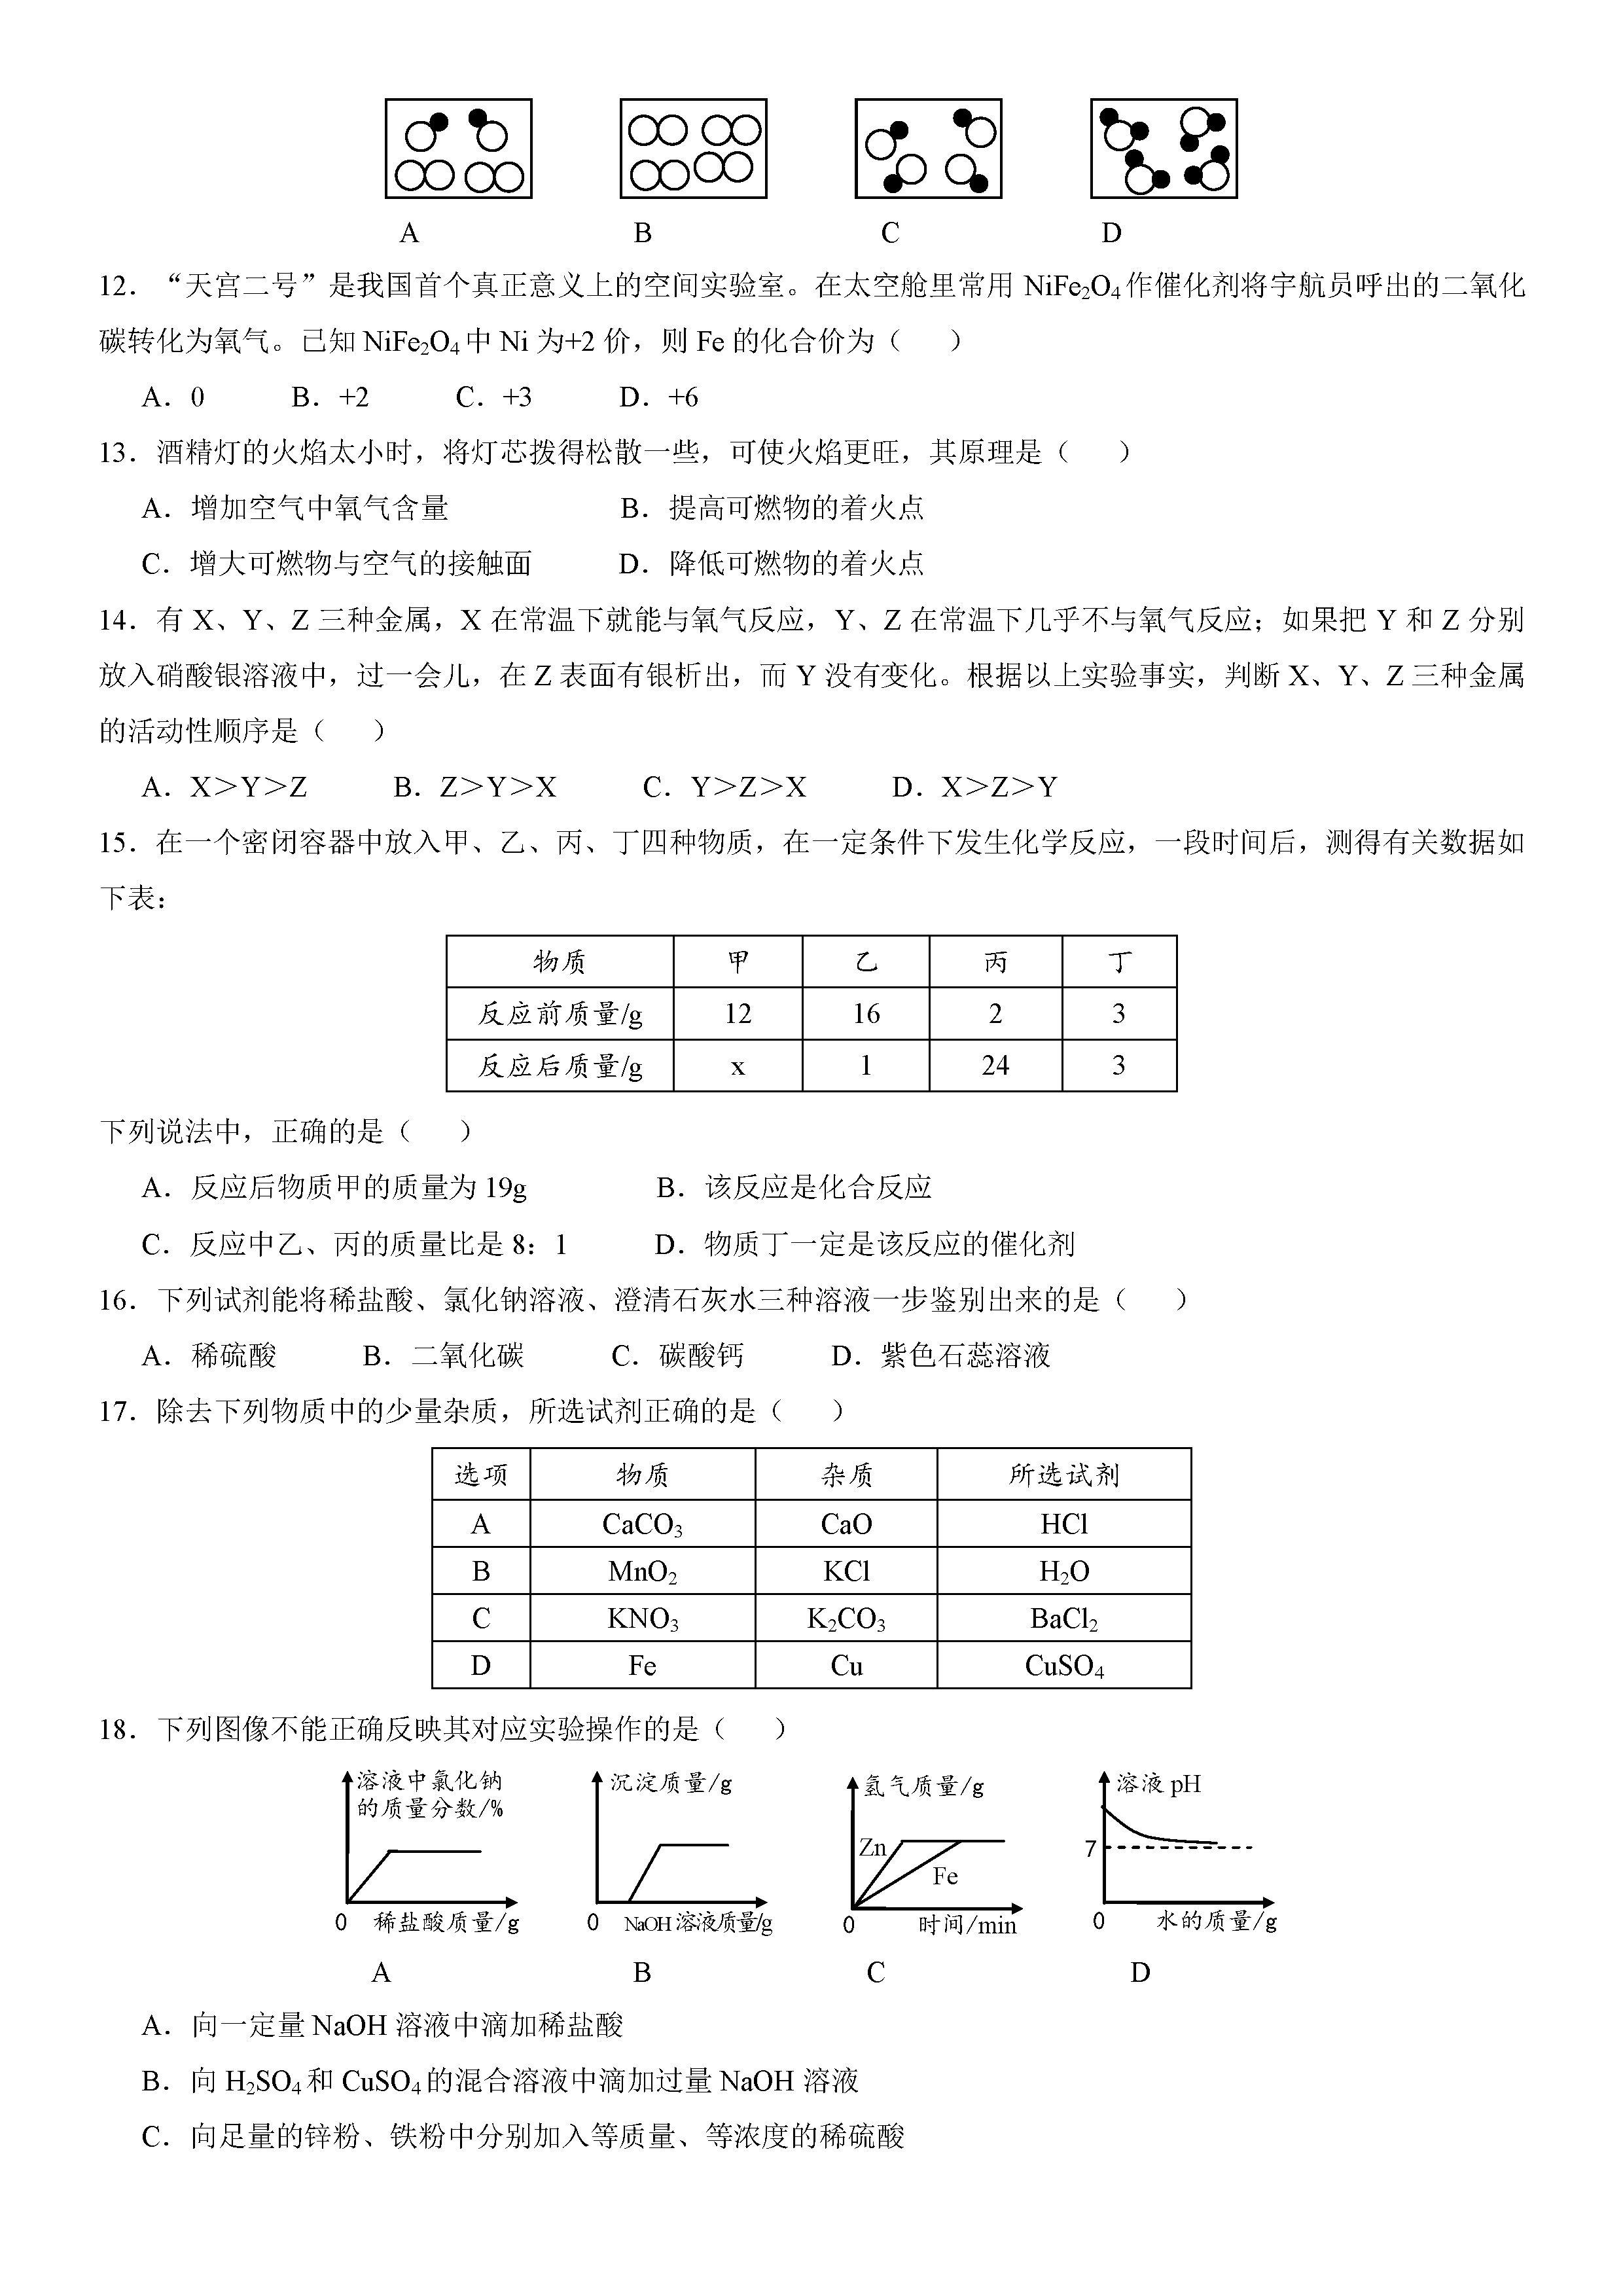 2018西藏中考化学试题及答案解析